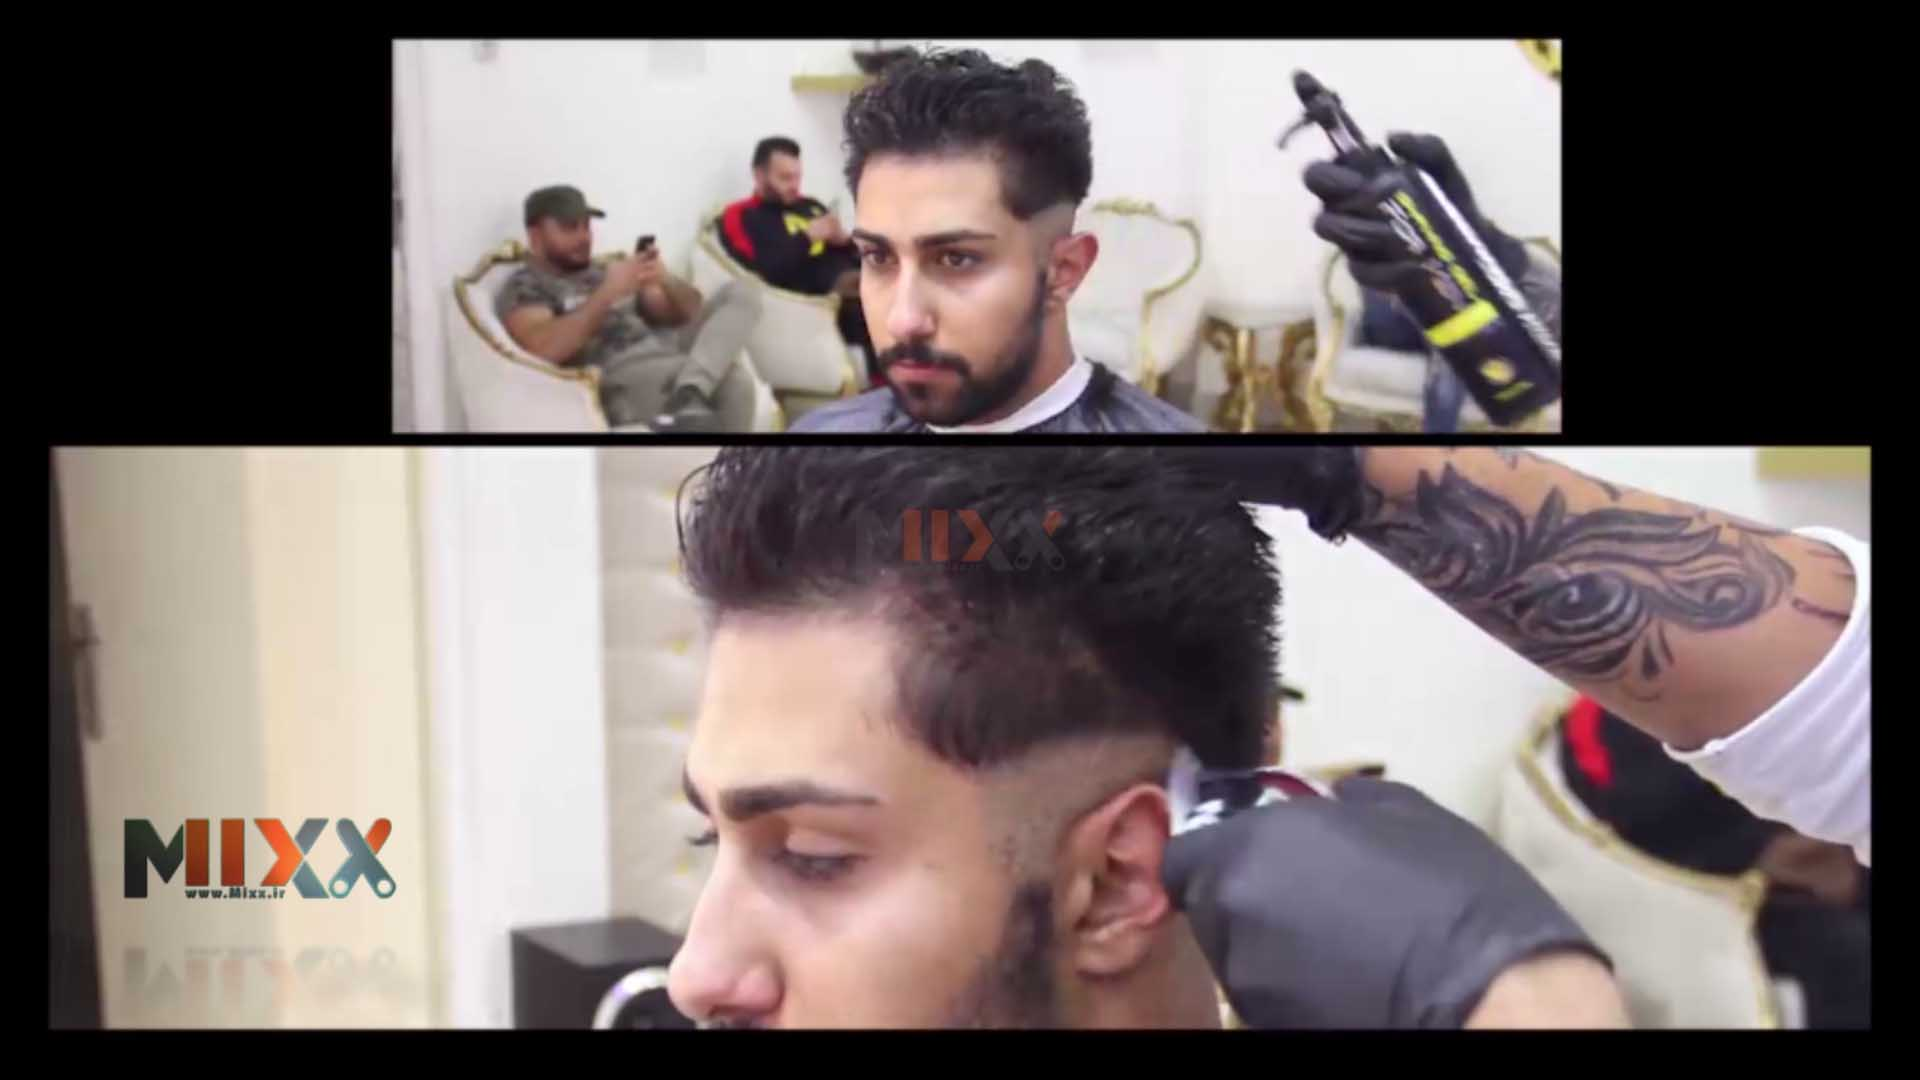 ساخت ویدئوی تبلیغاتی برای آرایشگاه مردانه